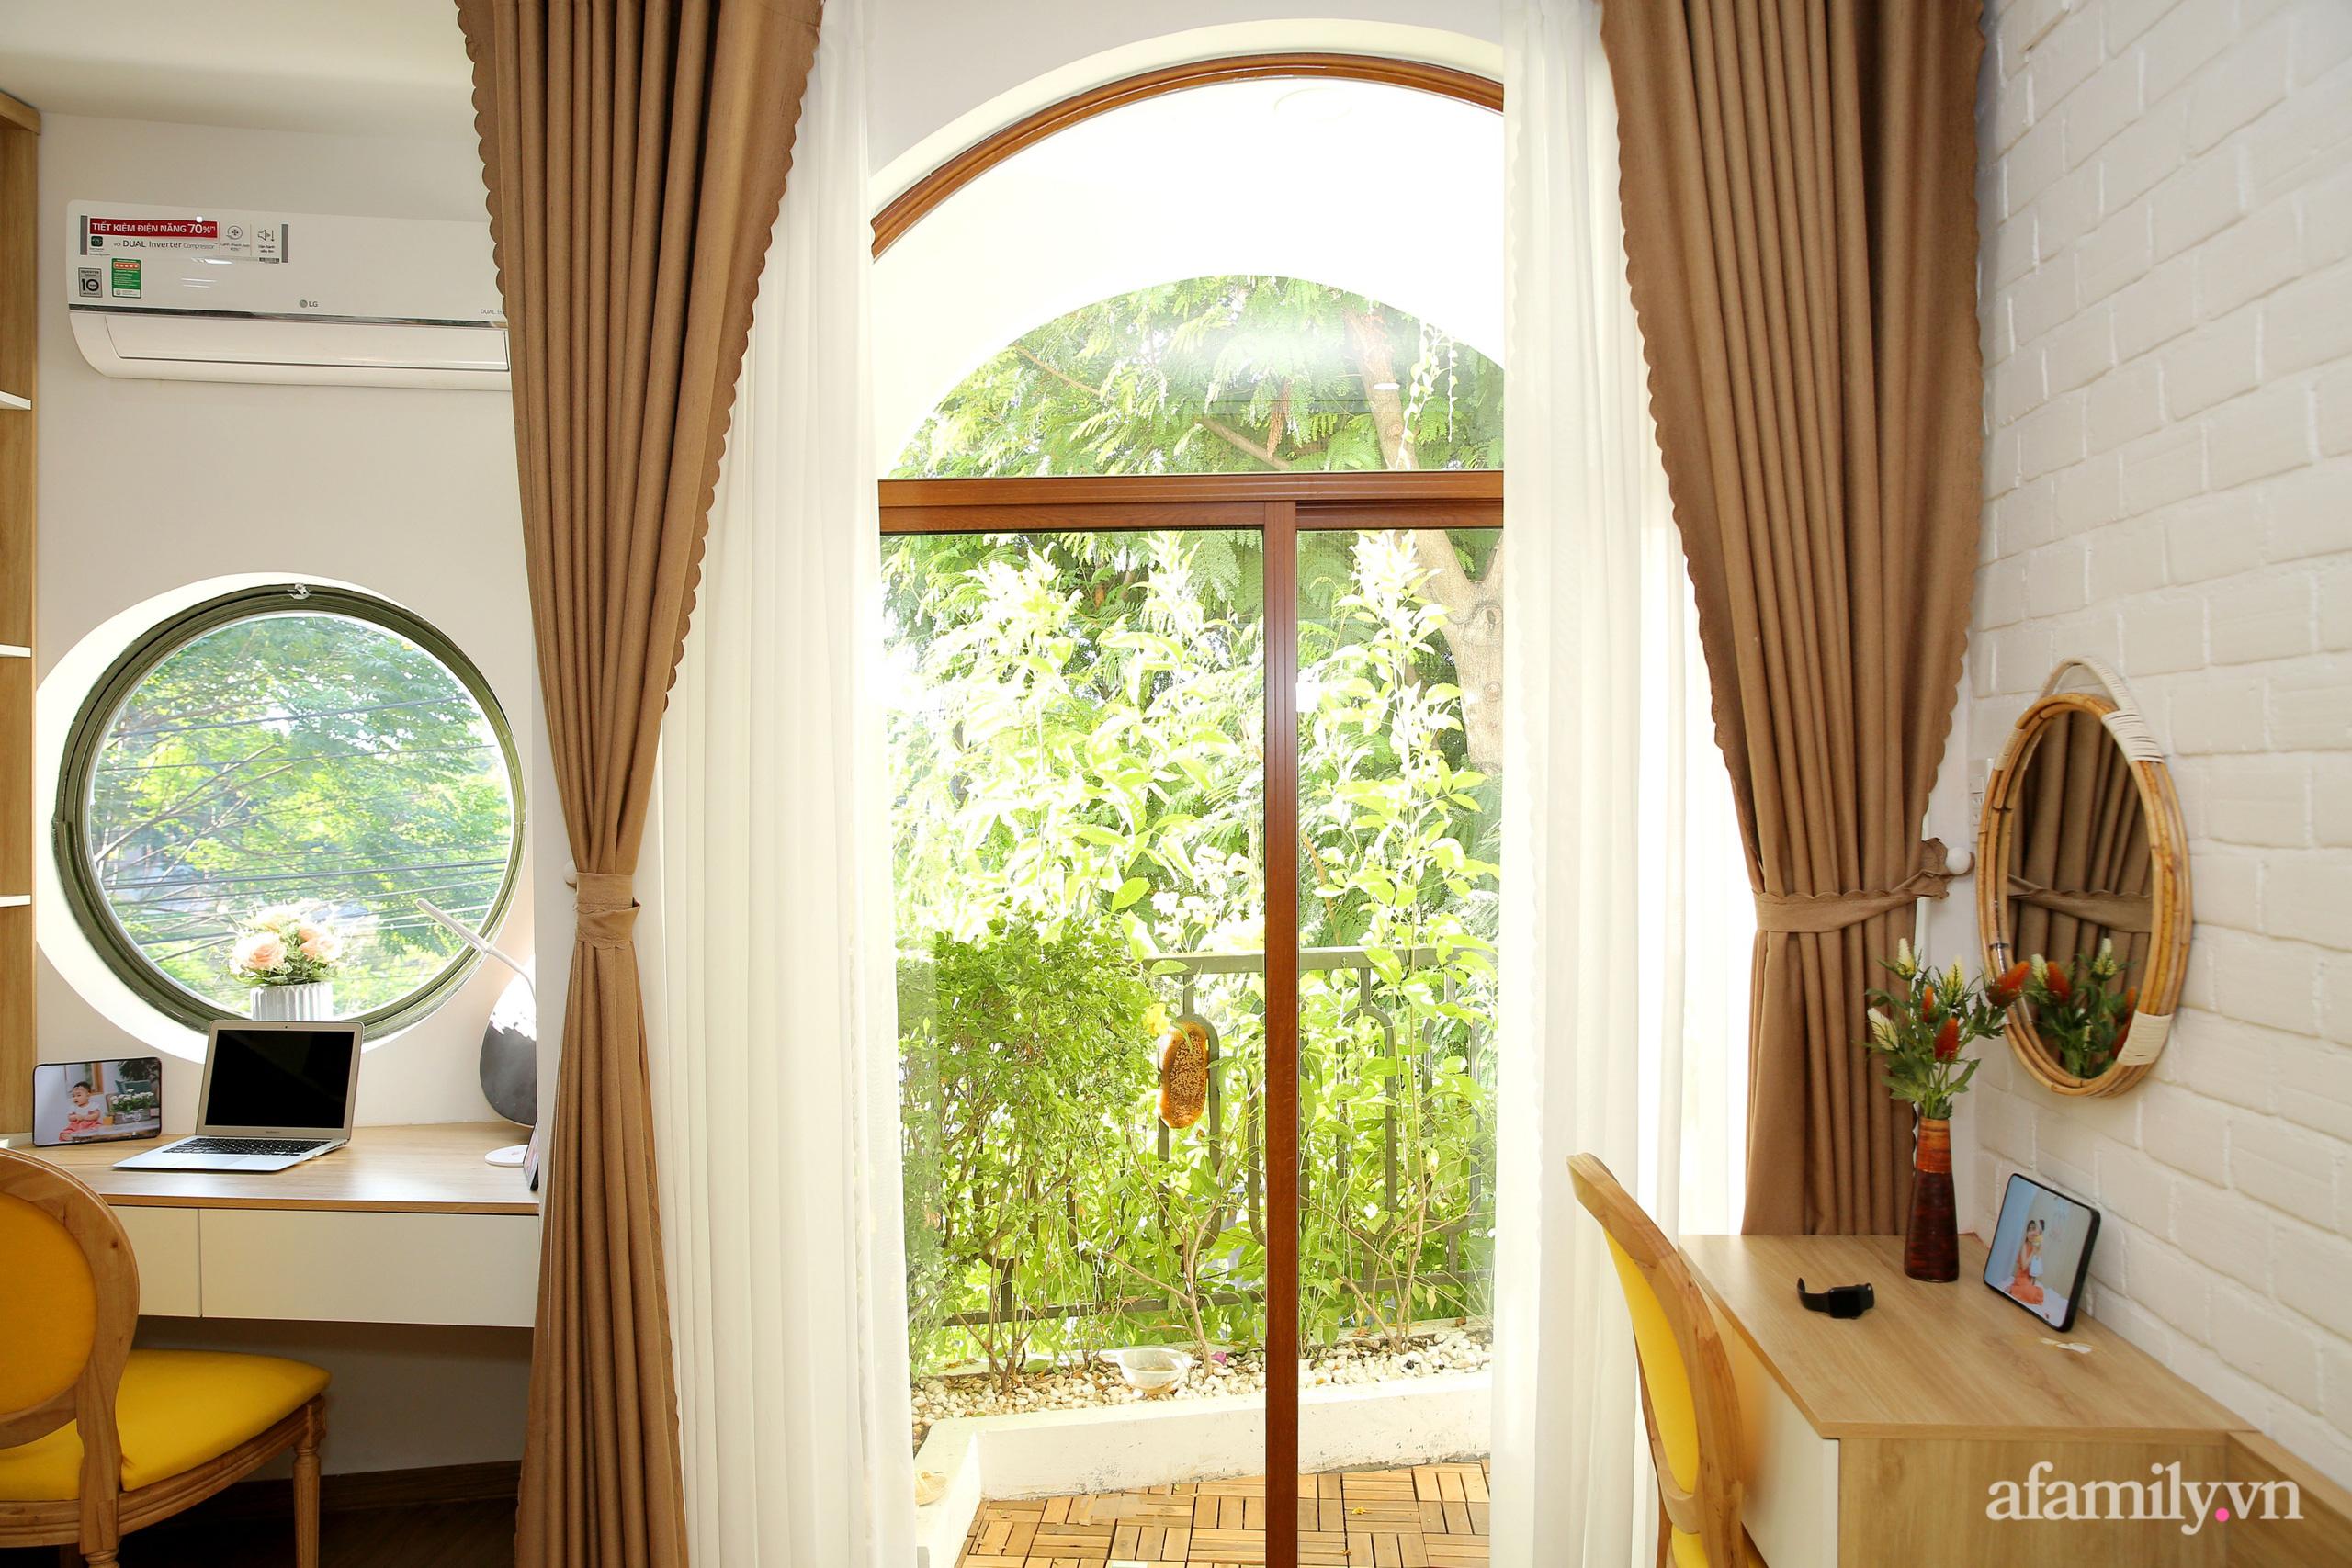 Chồng xây tặng vợ con ngôi nhà ấm cúng với sắc trắng vàng cùng cây xanh và ánh sáng ngập tràn ở Đà Nẵng sau 10 năm ở trọ - Ảnh 13.